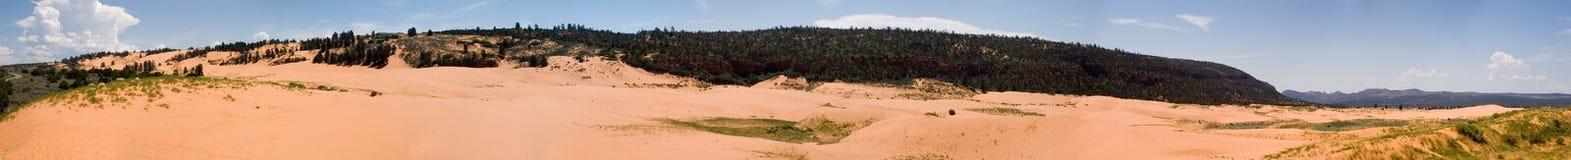 пески 1 пинка парка панорамы коралла стоковая фотография rf